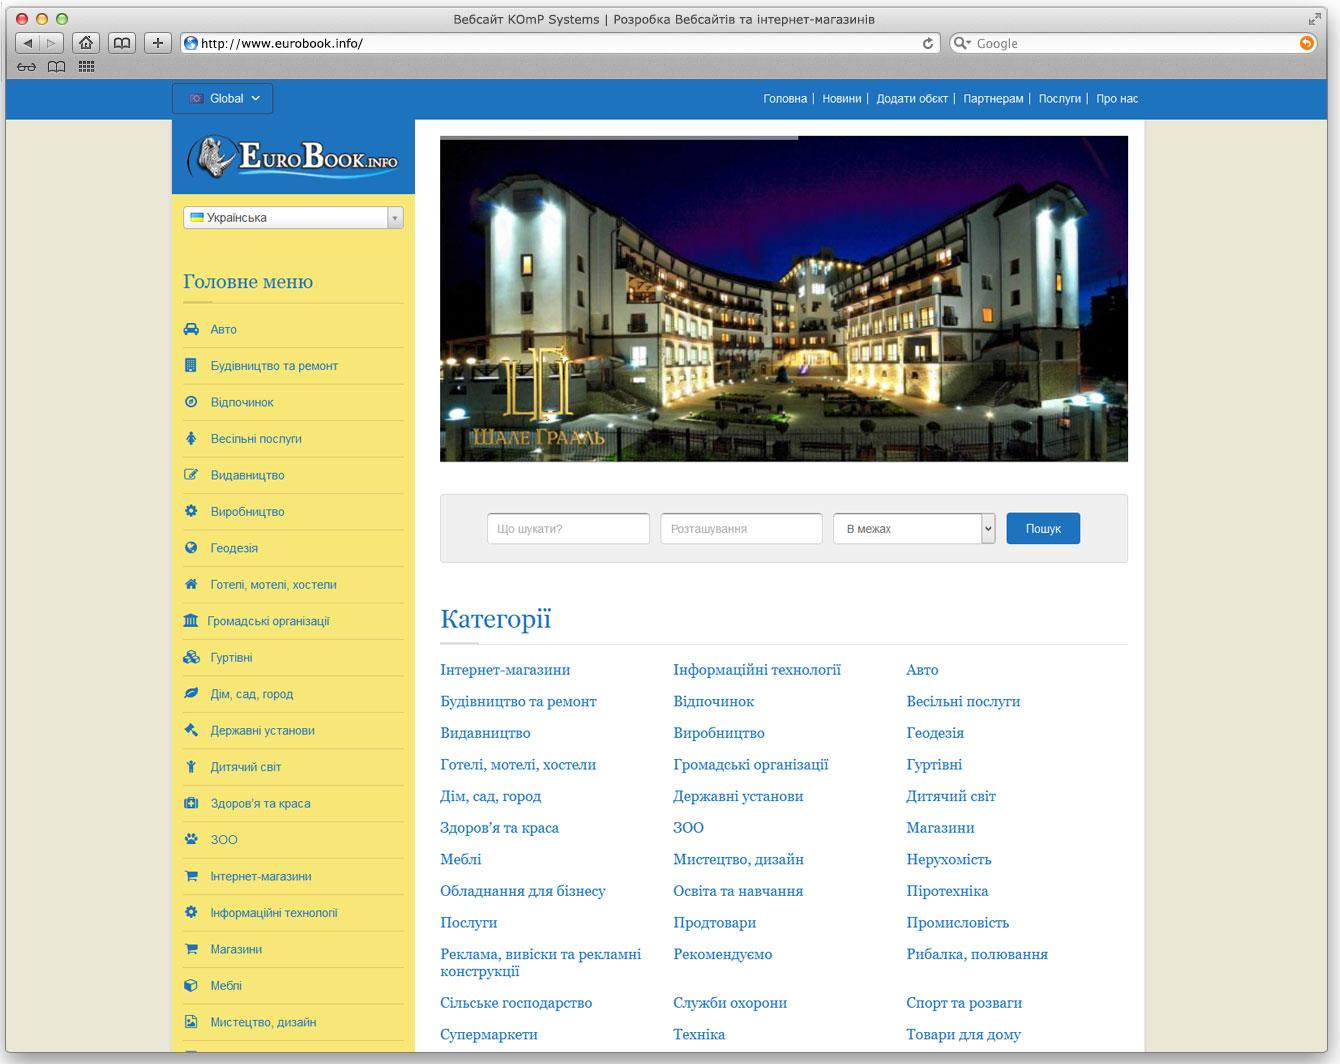 eurobook_info